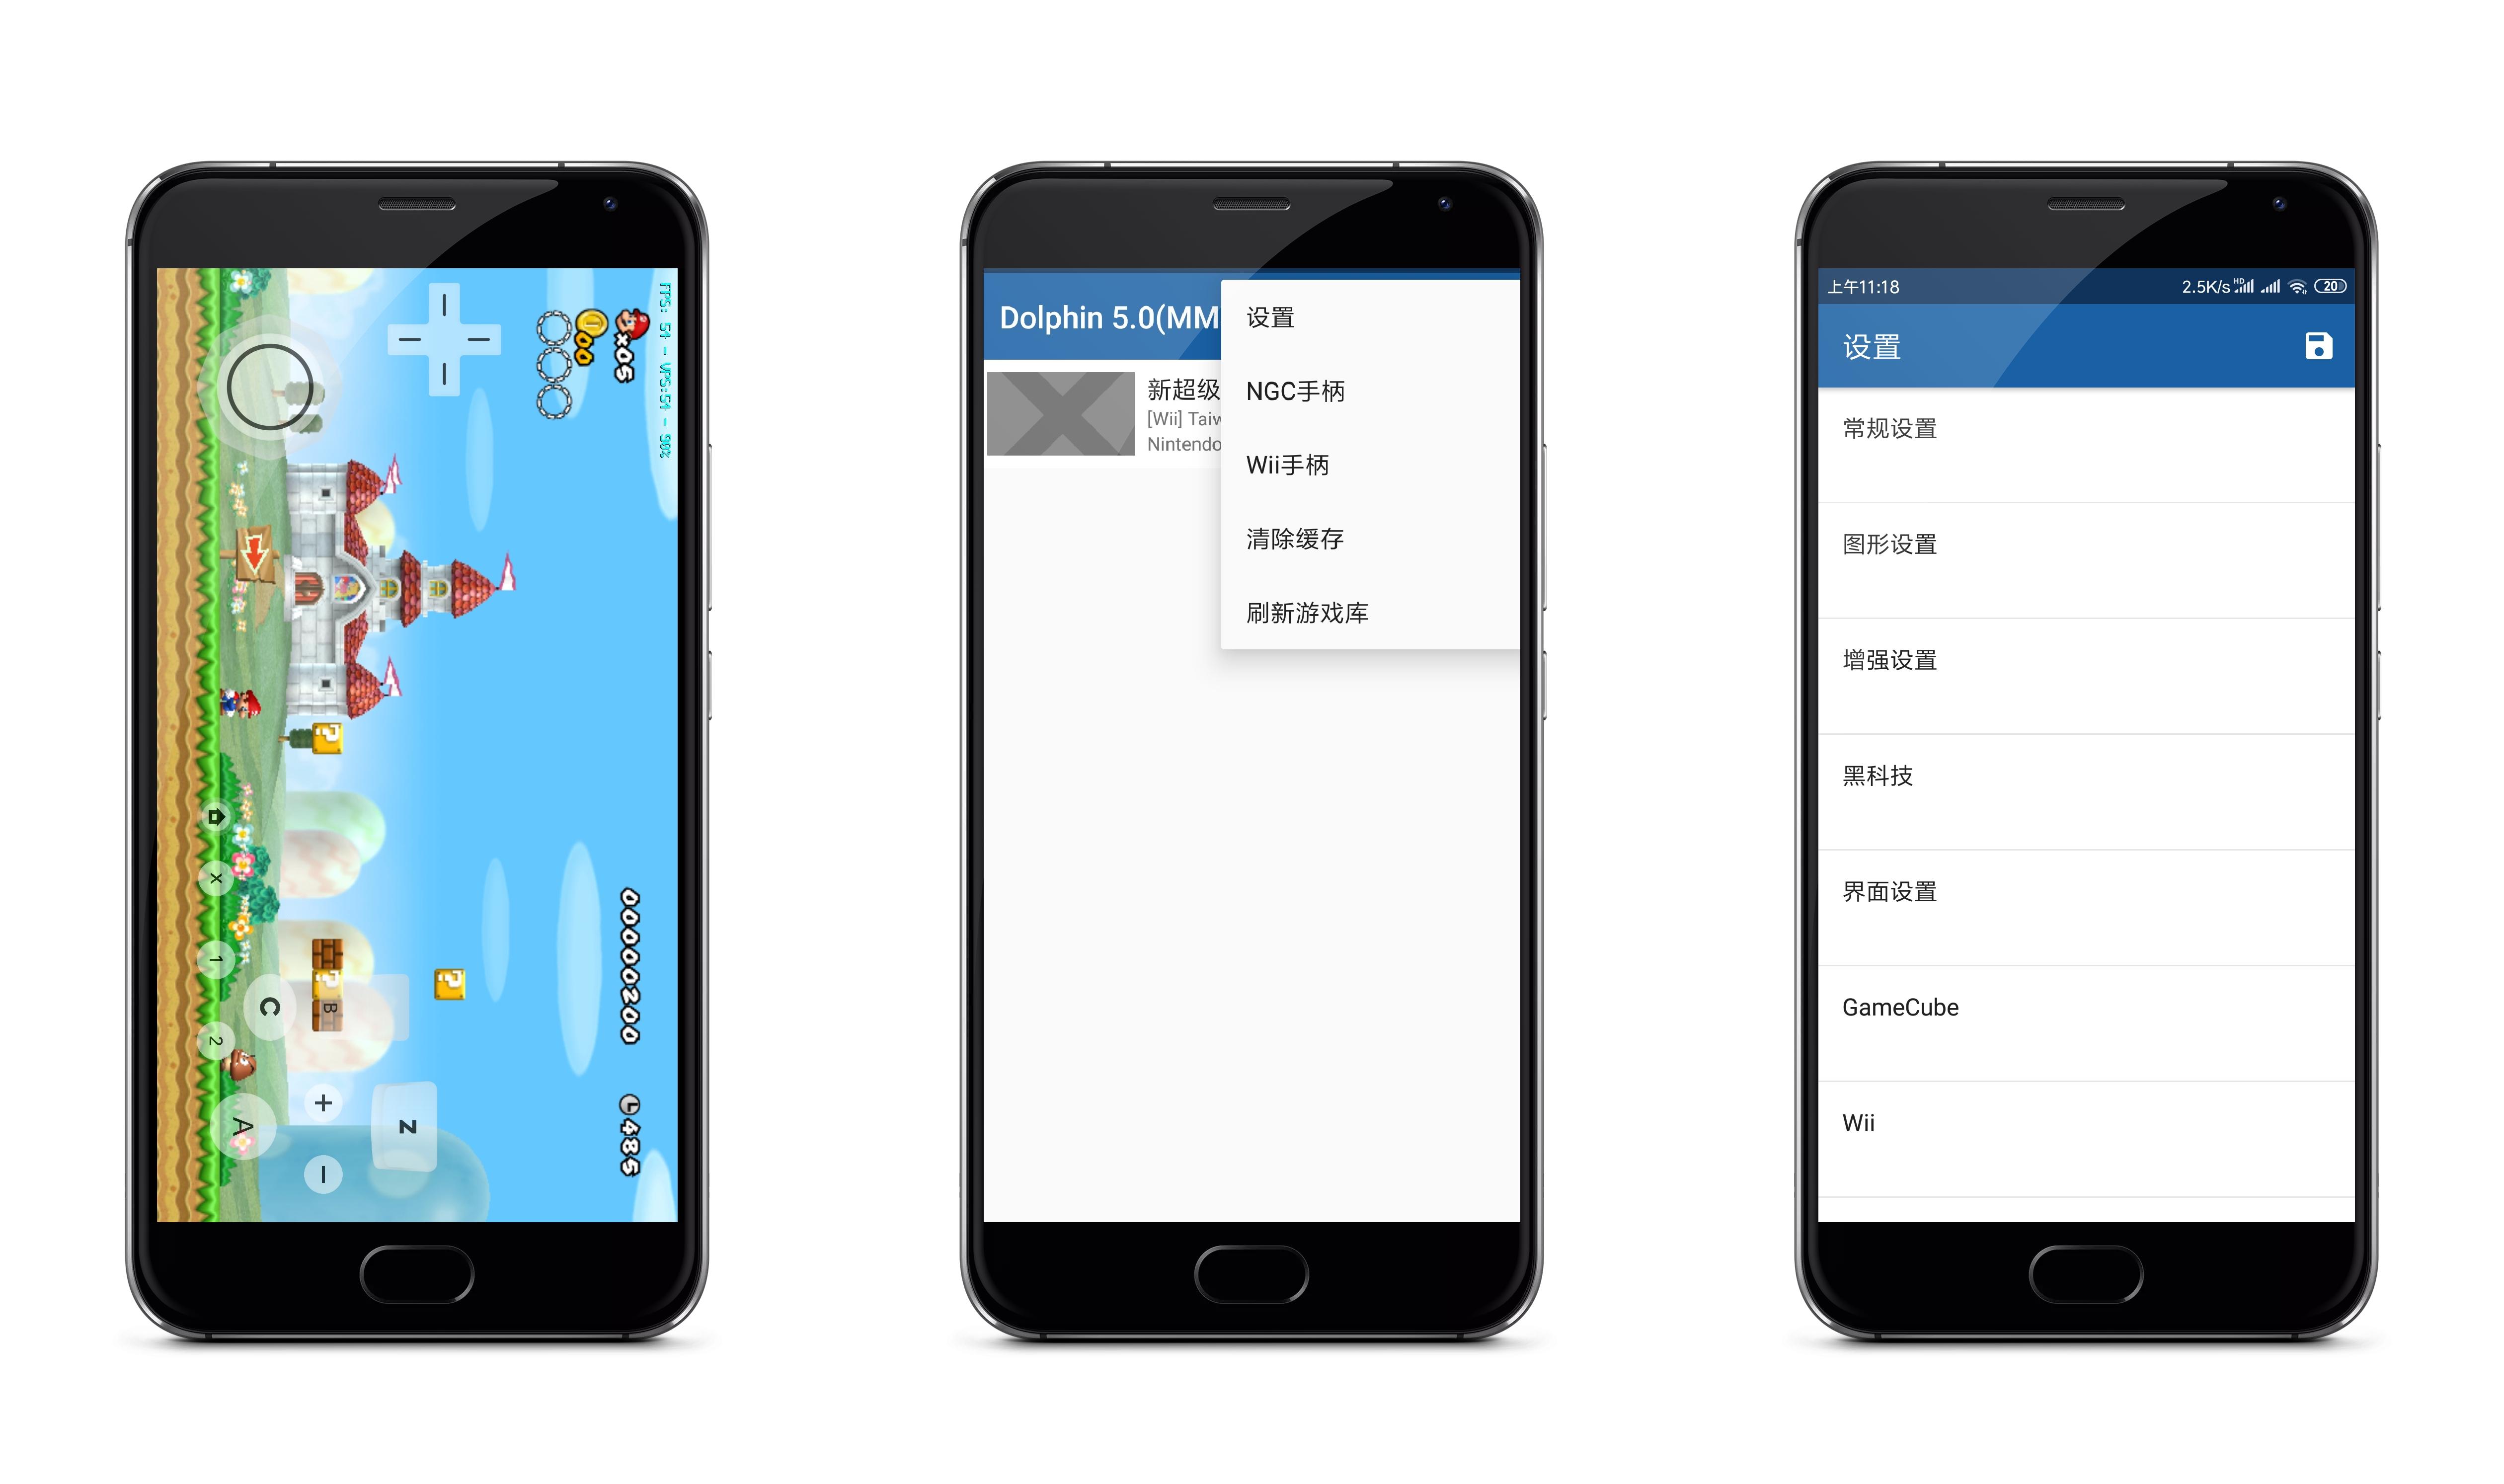 海豚模拟器中文版完美运行wii和ngc